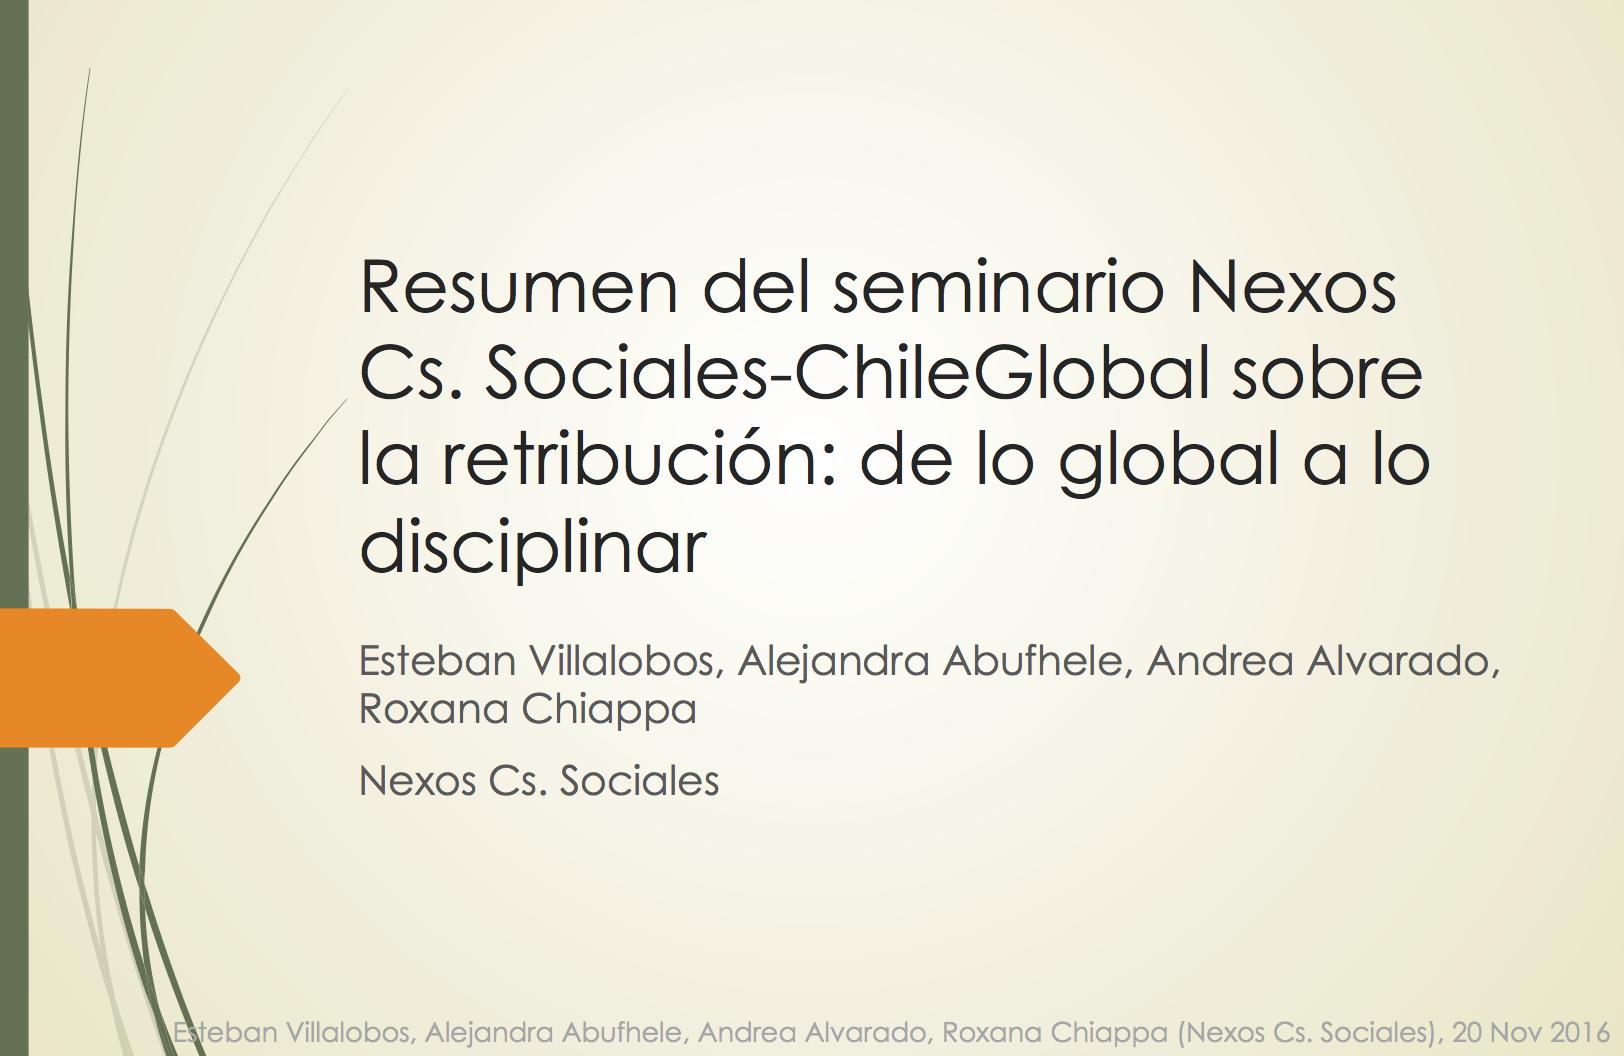 Resumen del Seminario sobre la Retribución: de lo Global a lo Disciplinar